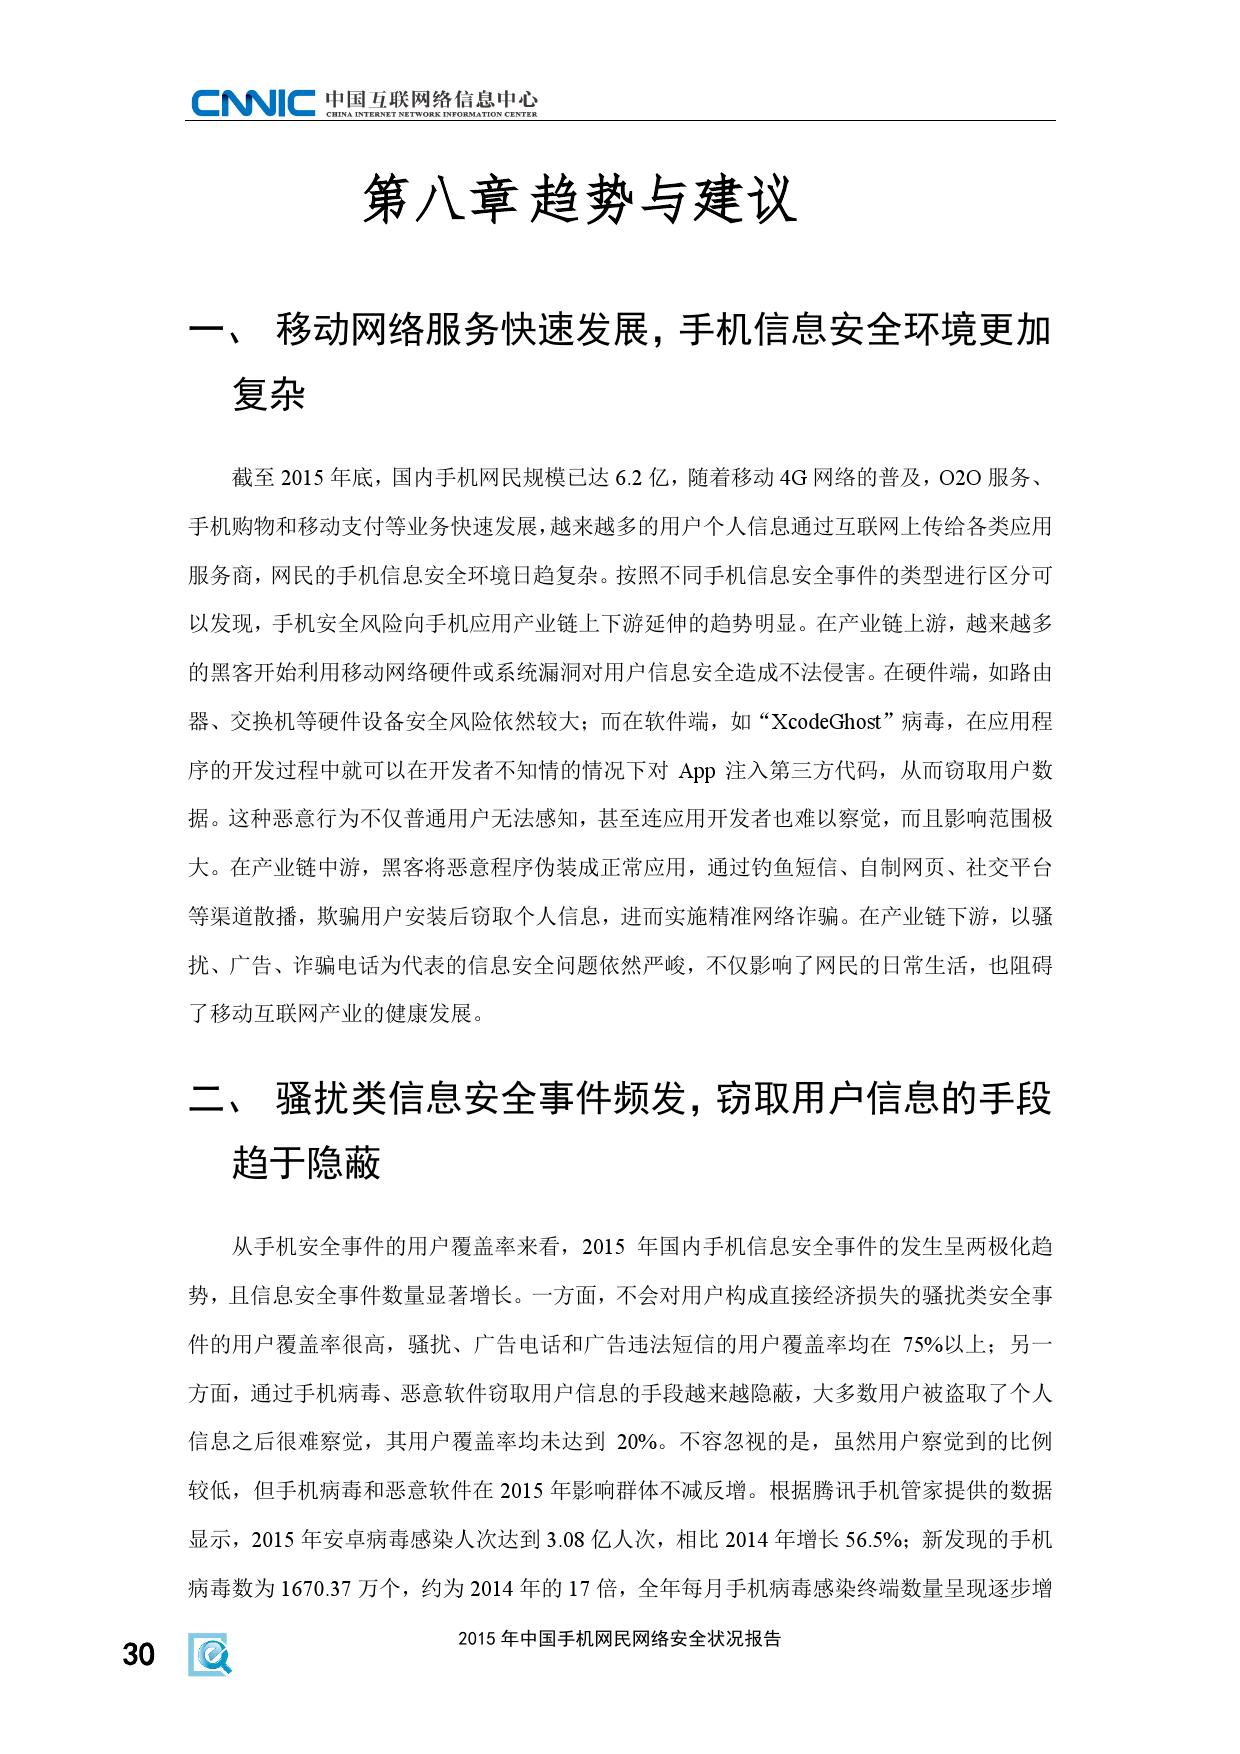 2015年中国手机网民网络安全状况报告_000036